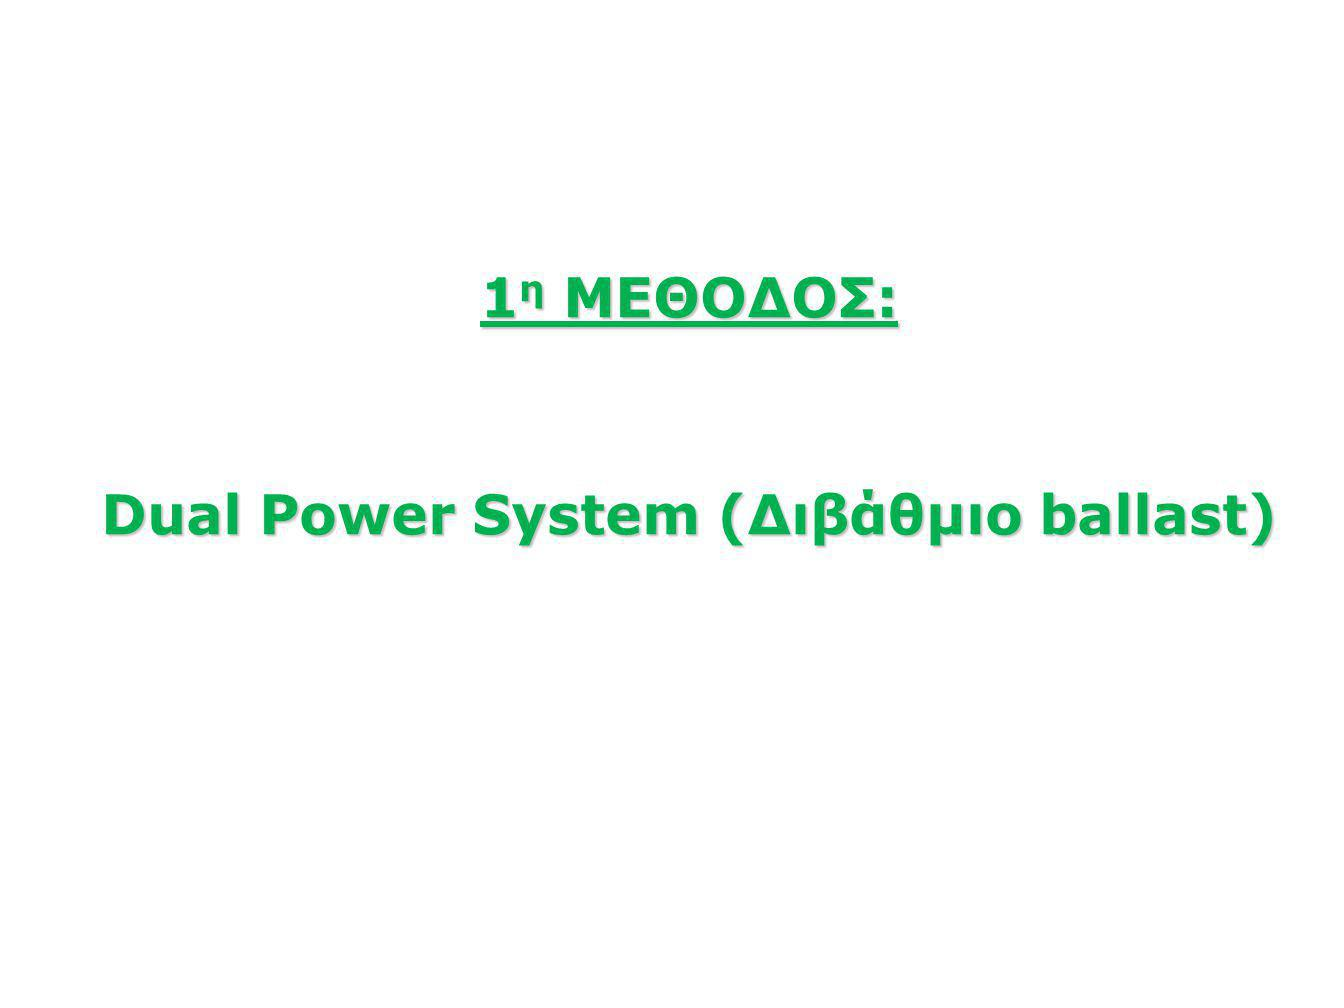 BiPower Ballast DUAL POWER SYSTEMS Ο συνδυασμός ενός BiPower ballast και ενός Changeover Switch, επιτρέπει την αυτόματη μετάπτωση της ηλεκτρικής ισχύος του λαμπτήρα από την ονομαστική σε μειωμένη (σχεδόν κατά το ήμισυ).